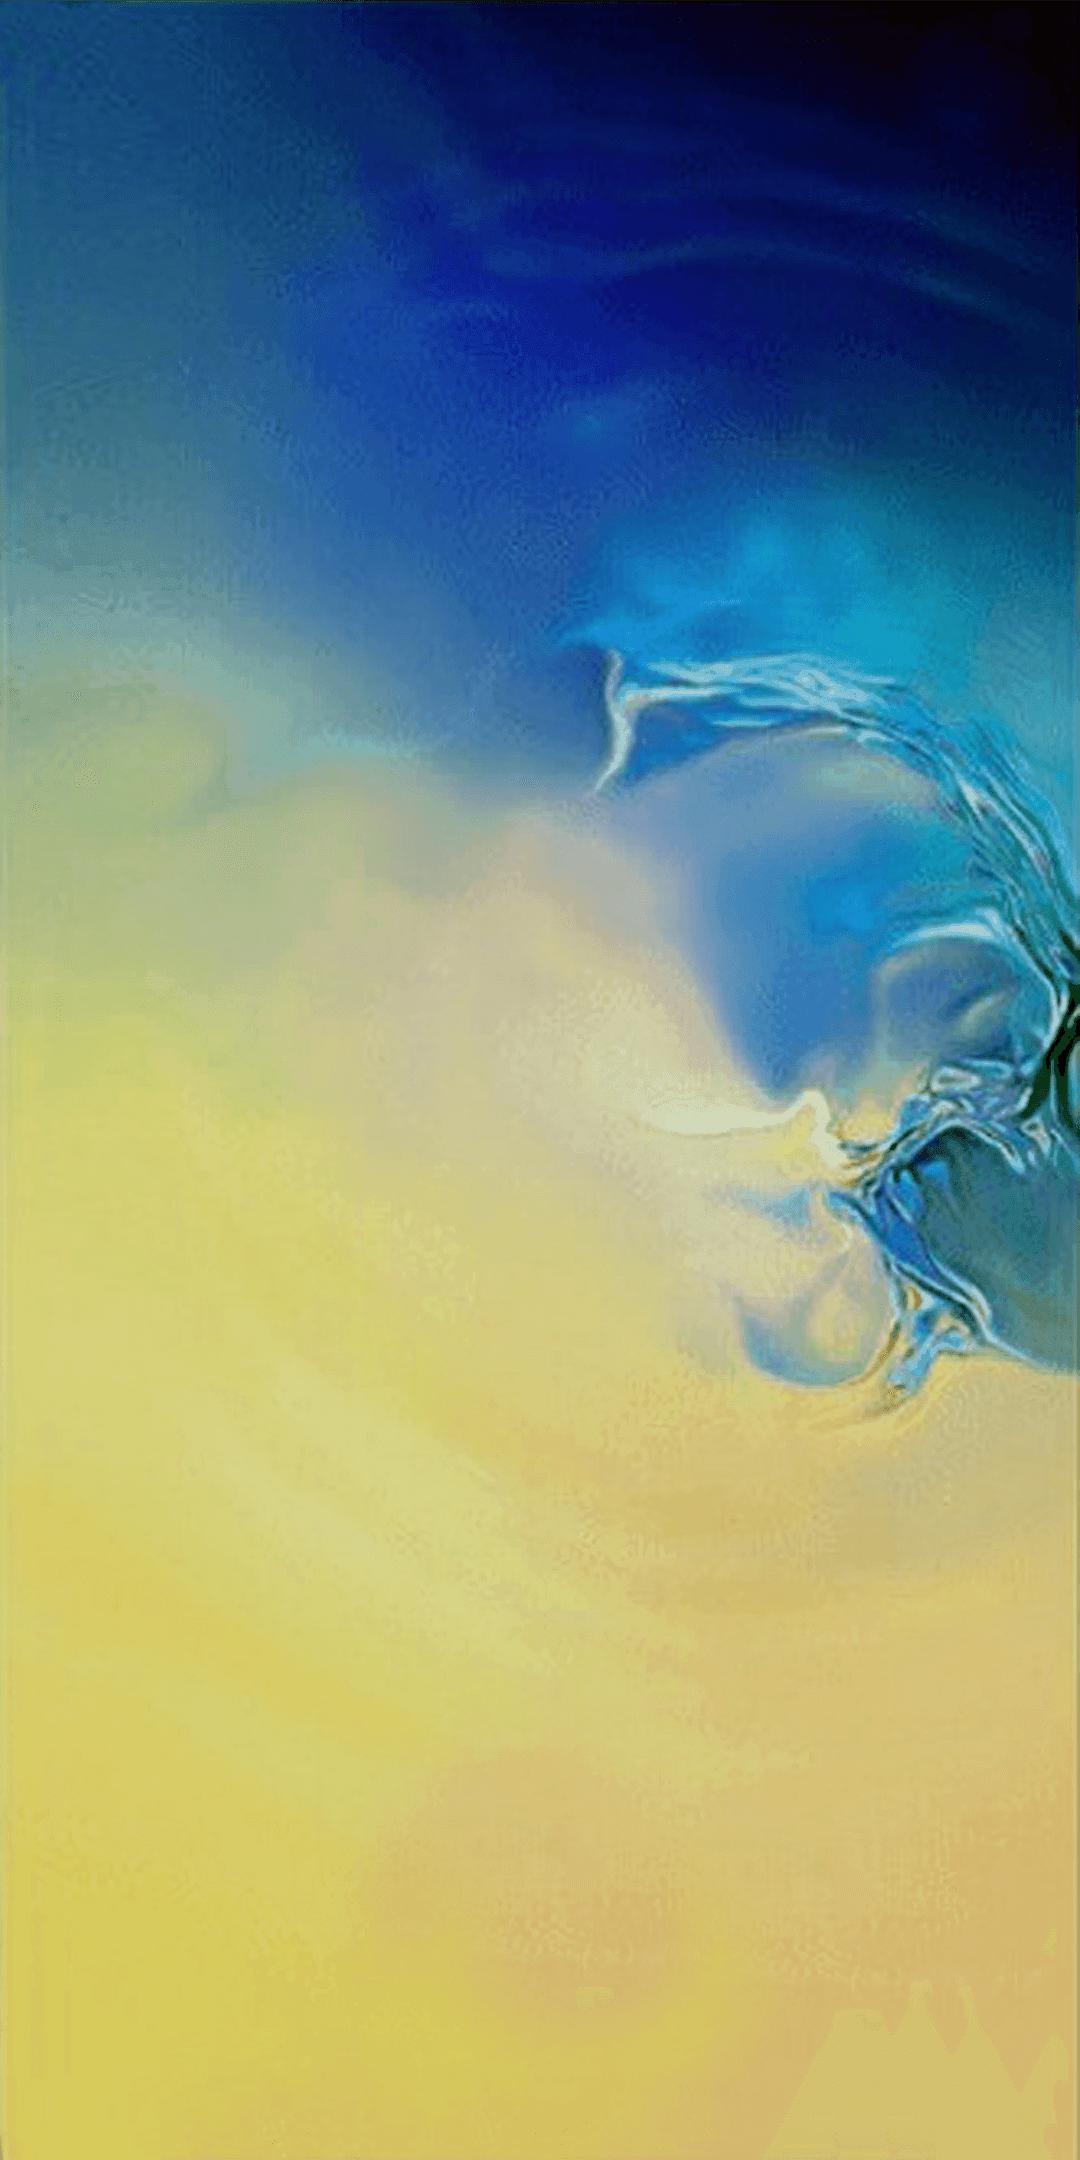 Samsung Galaxy S10 Wallpapers: Download aller Hintergrundbilder 5